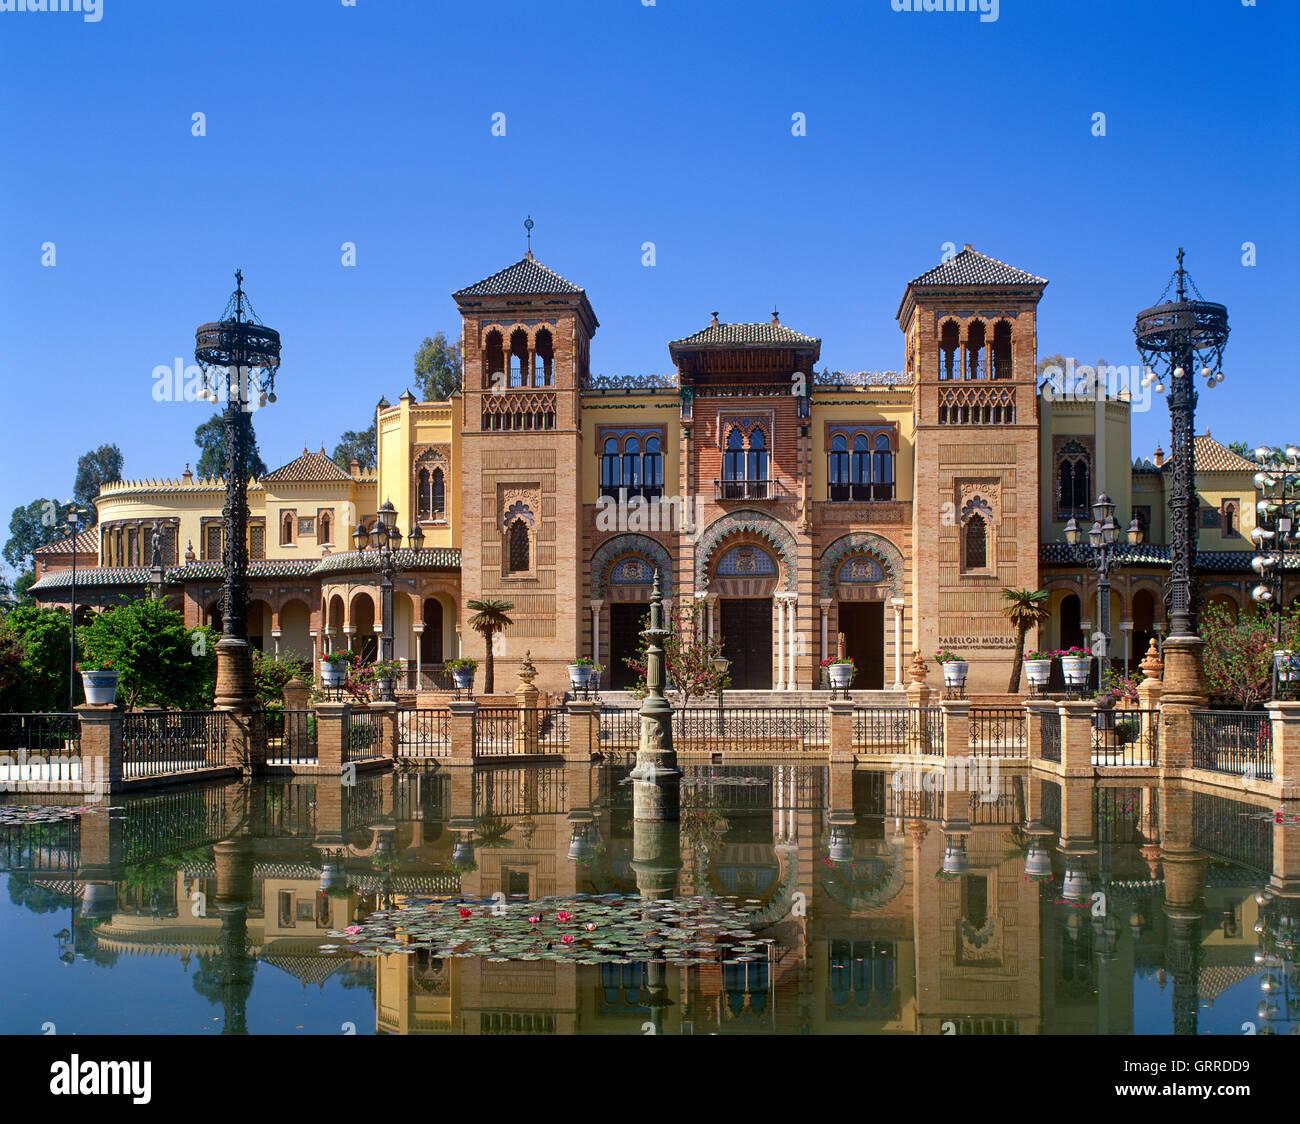 Pabellón Mudéjar, Parque de Maria Luisa, Sevilla, Andalucía, España. Imagen De Stock